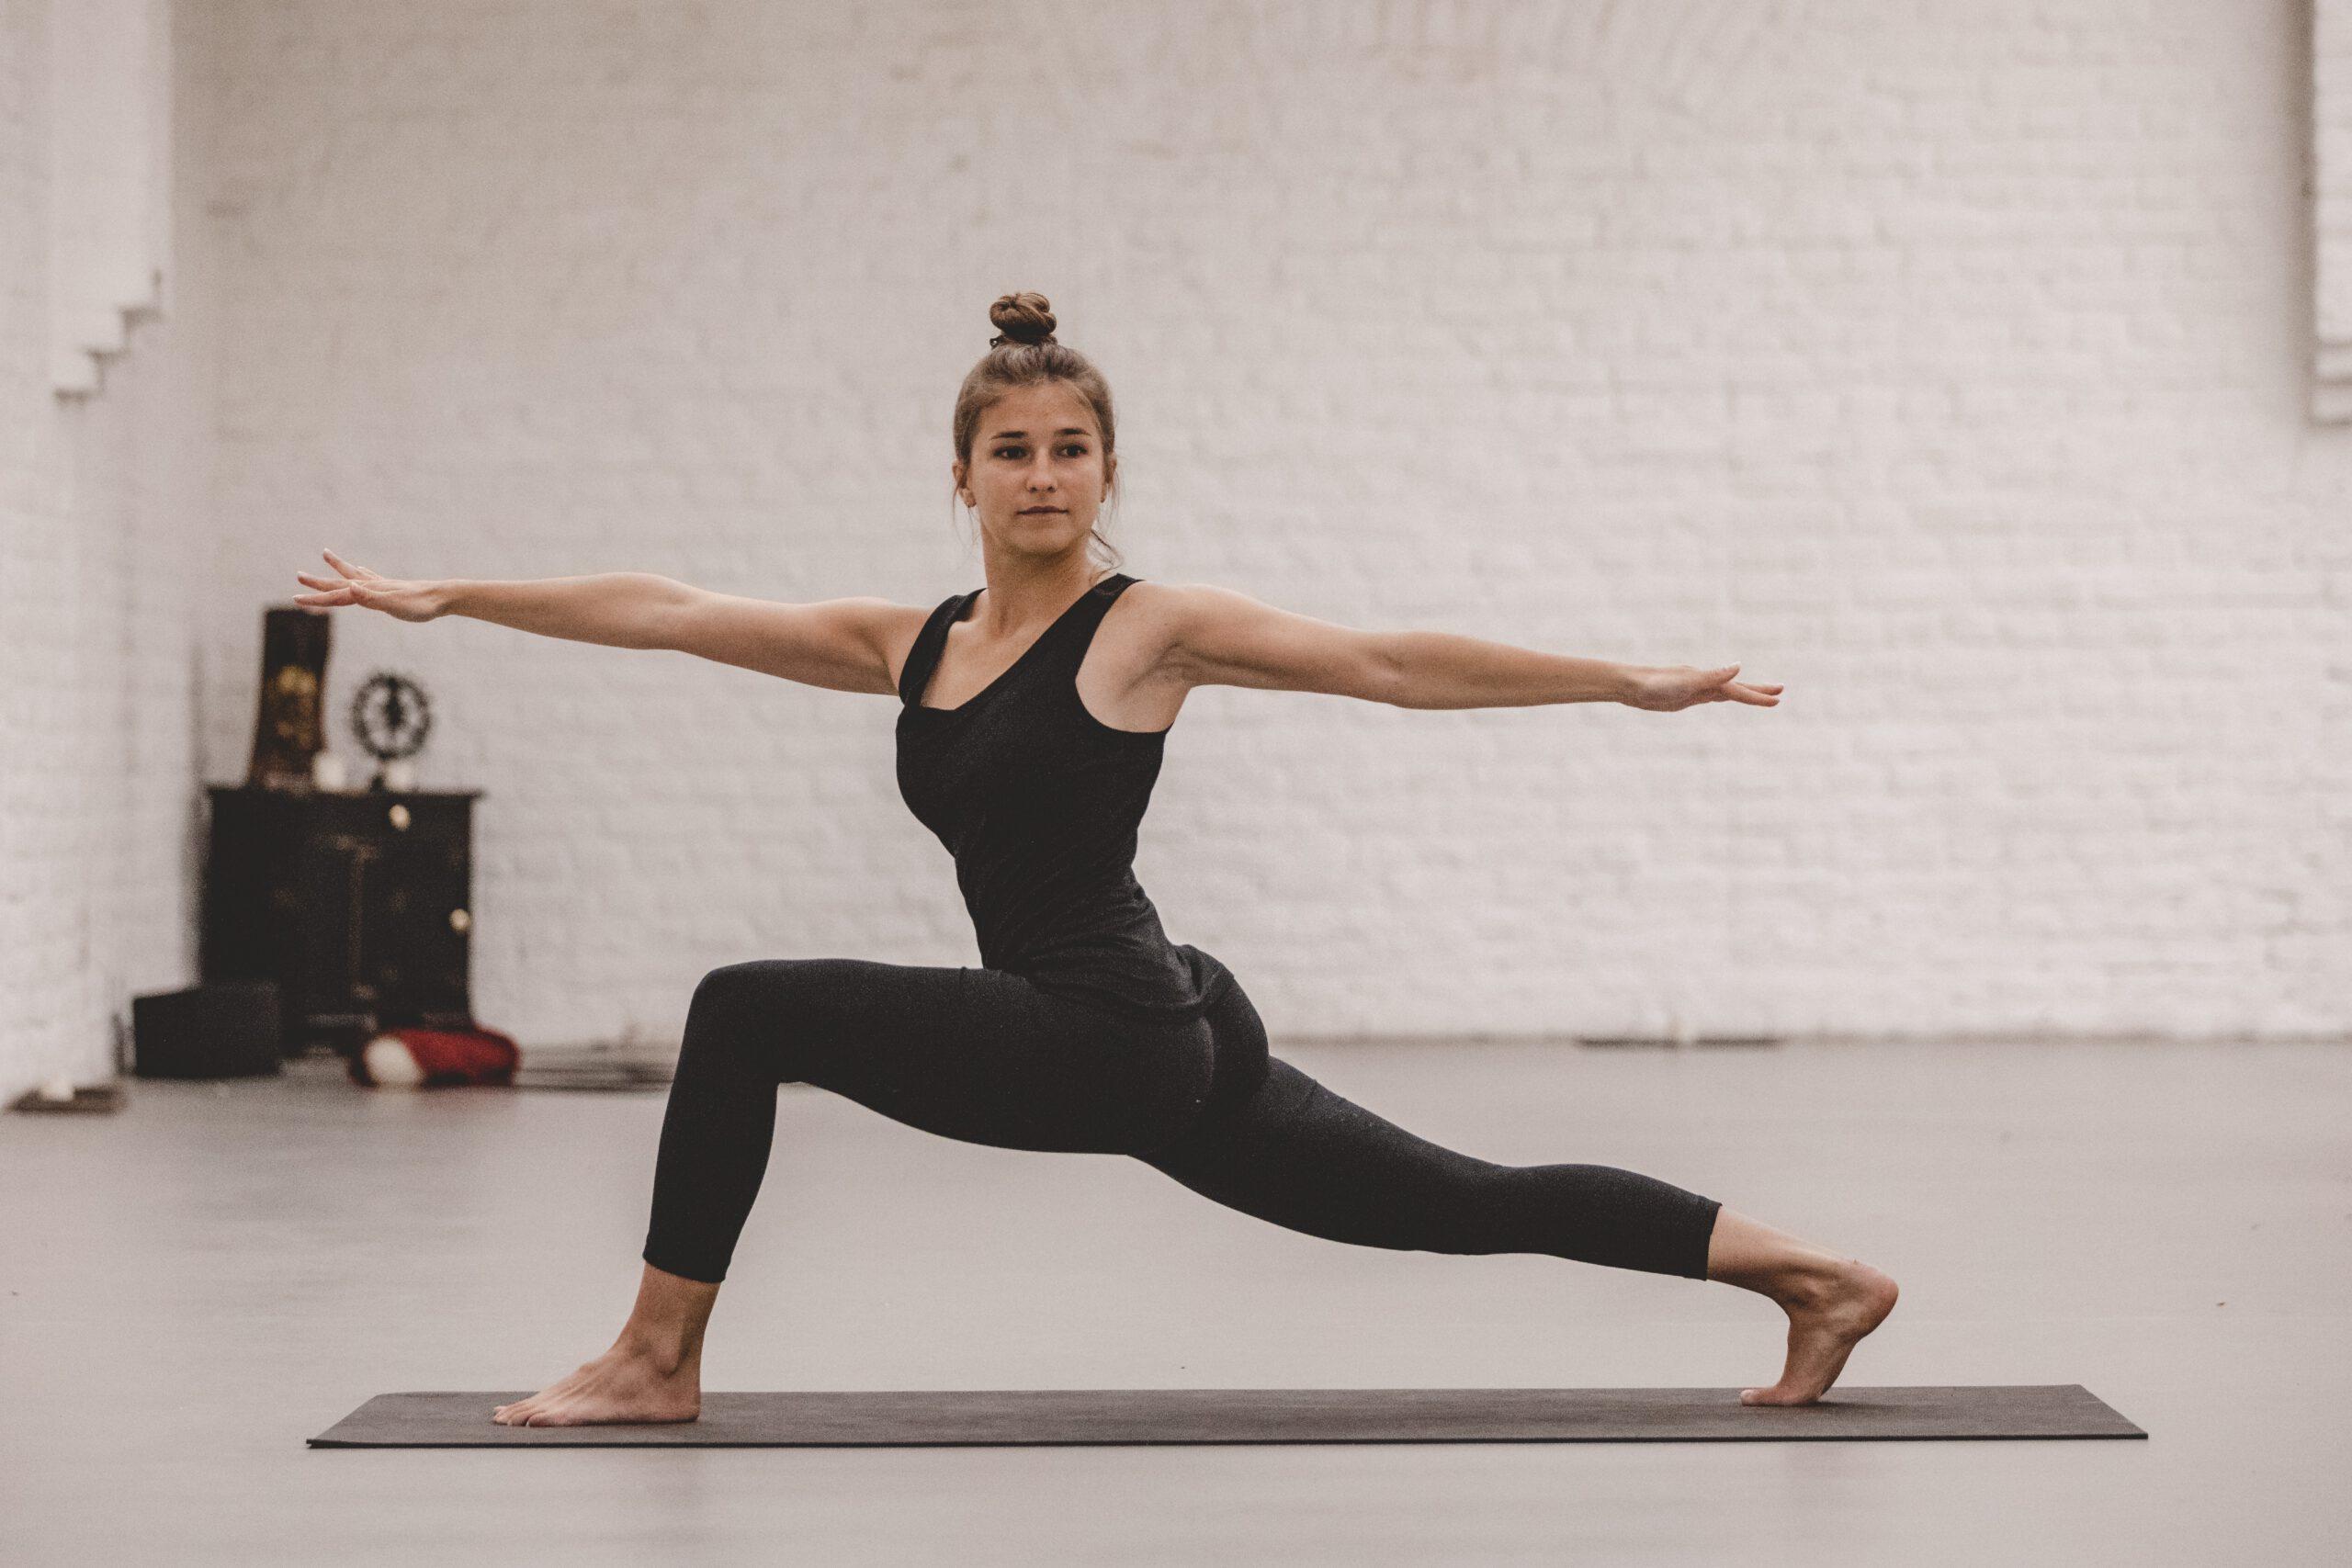 Yogalehrerin in einem Yogatsudio in der Position des gedrehten zweiten Kriegers (Ausfallschritt mit gehobenen und gedrehten Oberkörper).